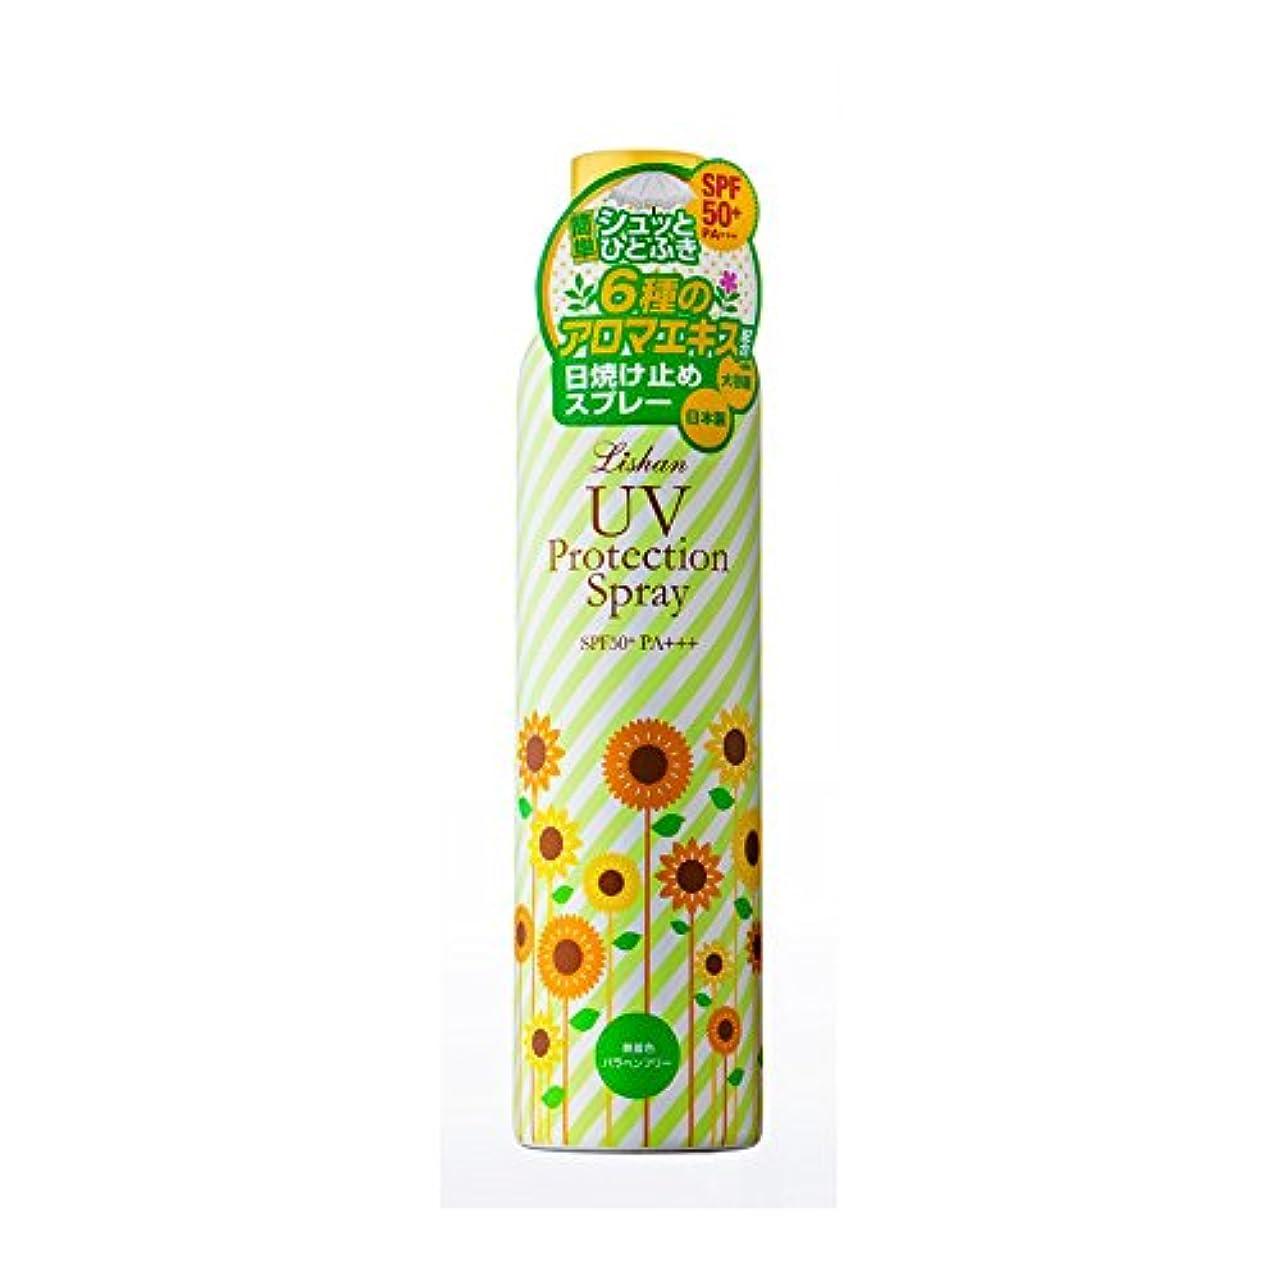 秘密の抽象化これまでリシャン 大容量UVスプレー アロマミックスの香り (230g)